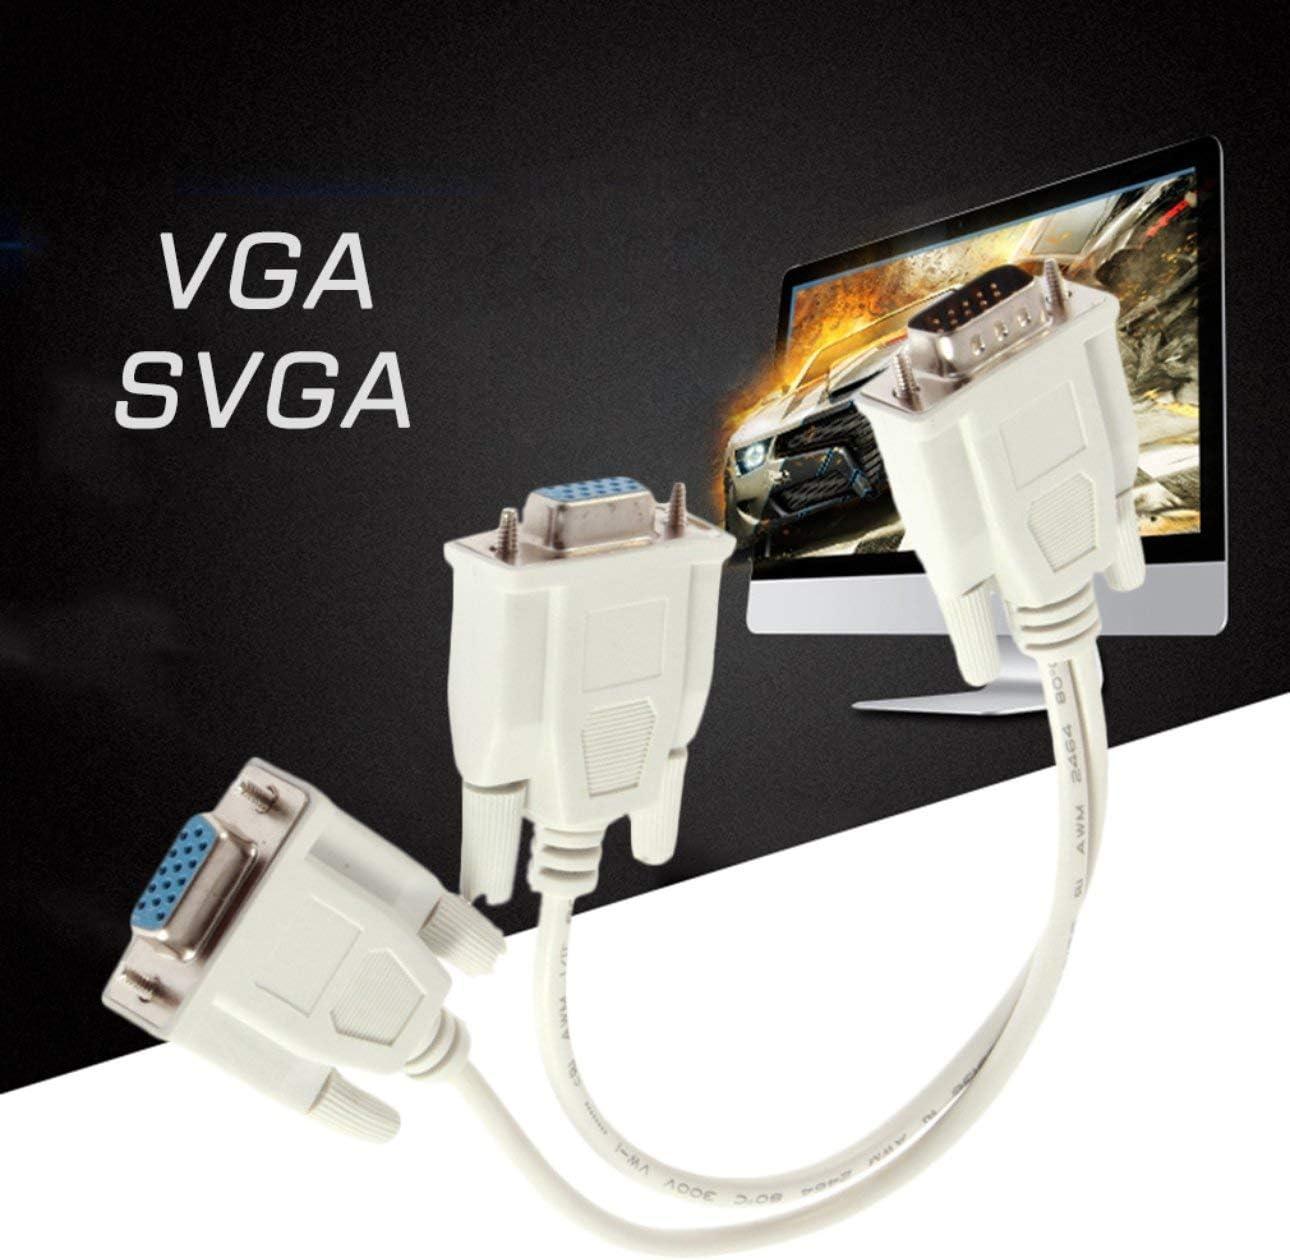 Celerhuak 1 VGA macho a 2 Cable divisor VGA hembra Monitor VGA SVGA de 2 v/ías Gr/áfico de video dual LCD TFT Y Cable divisor Cable